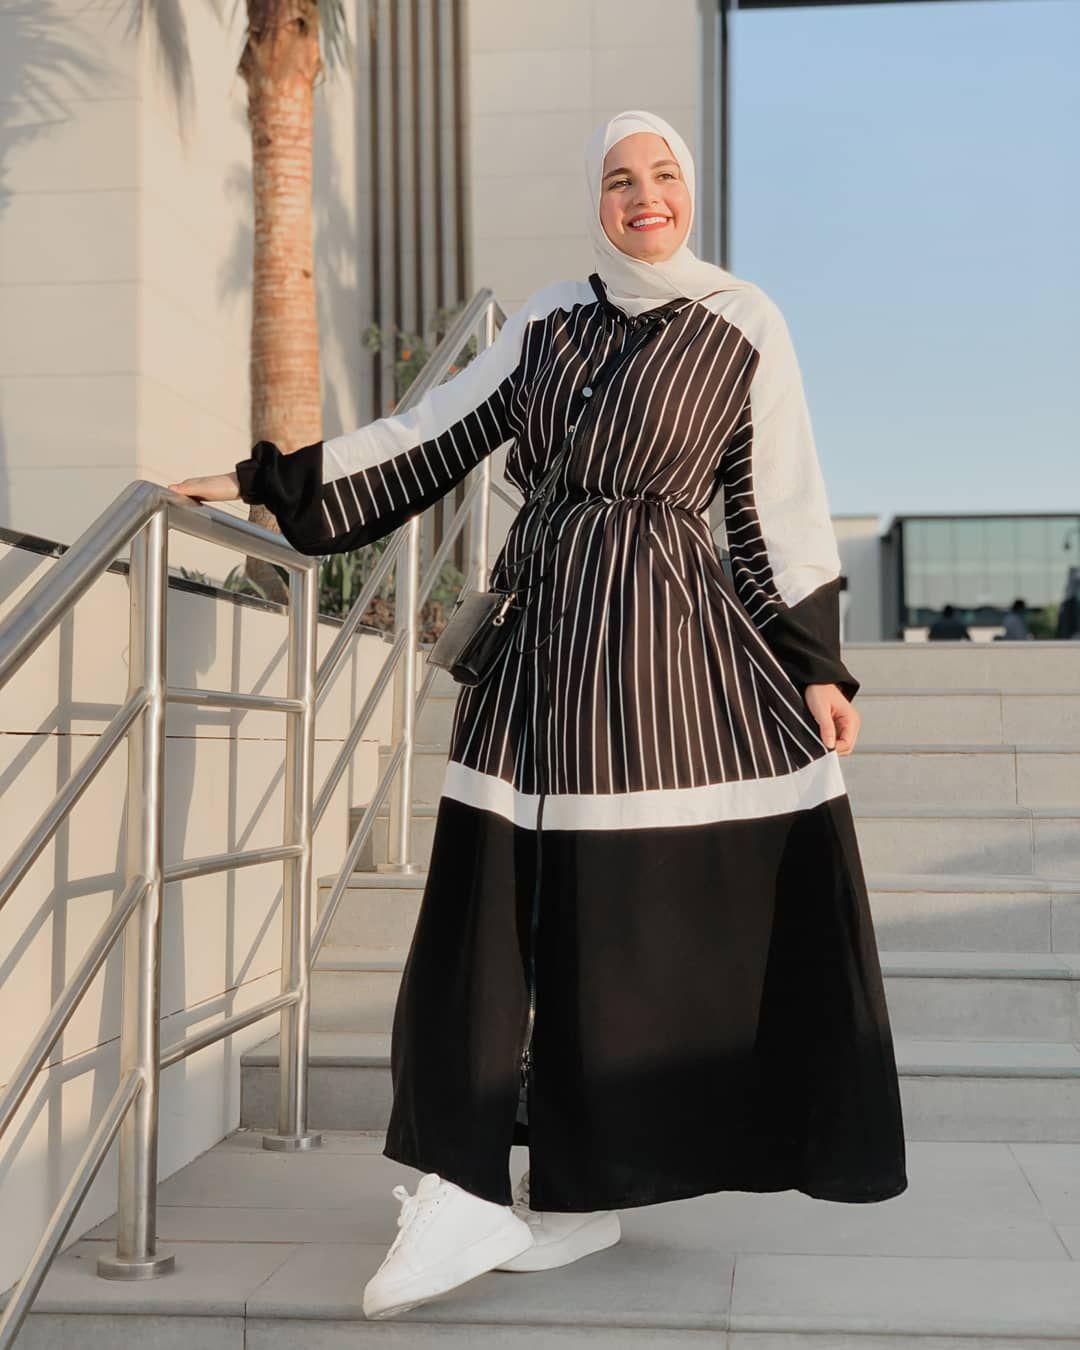 ملامح فاشون On Instagram ليكي ف العبايات حتي لو مش ستايلك ملامح هتبهرك دايما بتصميماتها المميزه ل Muslimah Fashion Outfits Hijab Fashion Fashion Outfits